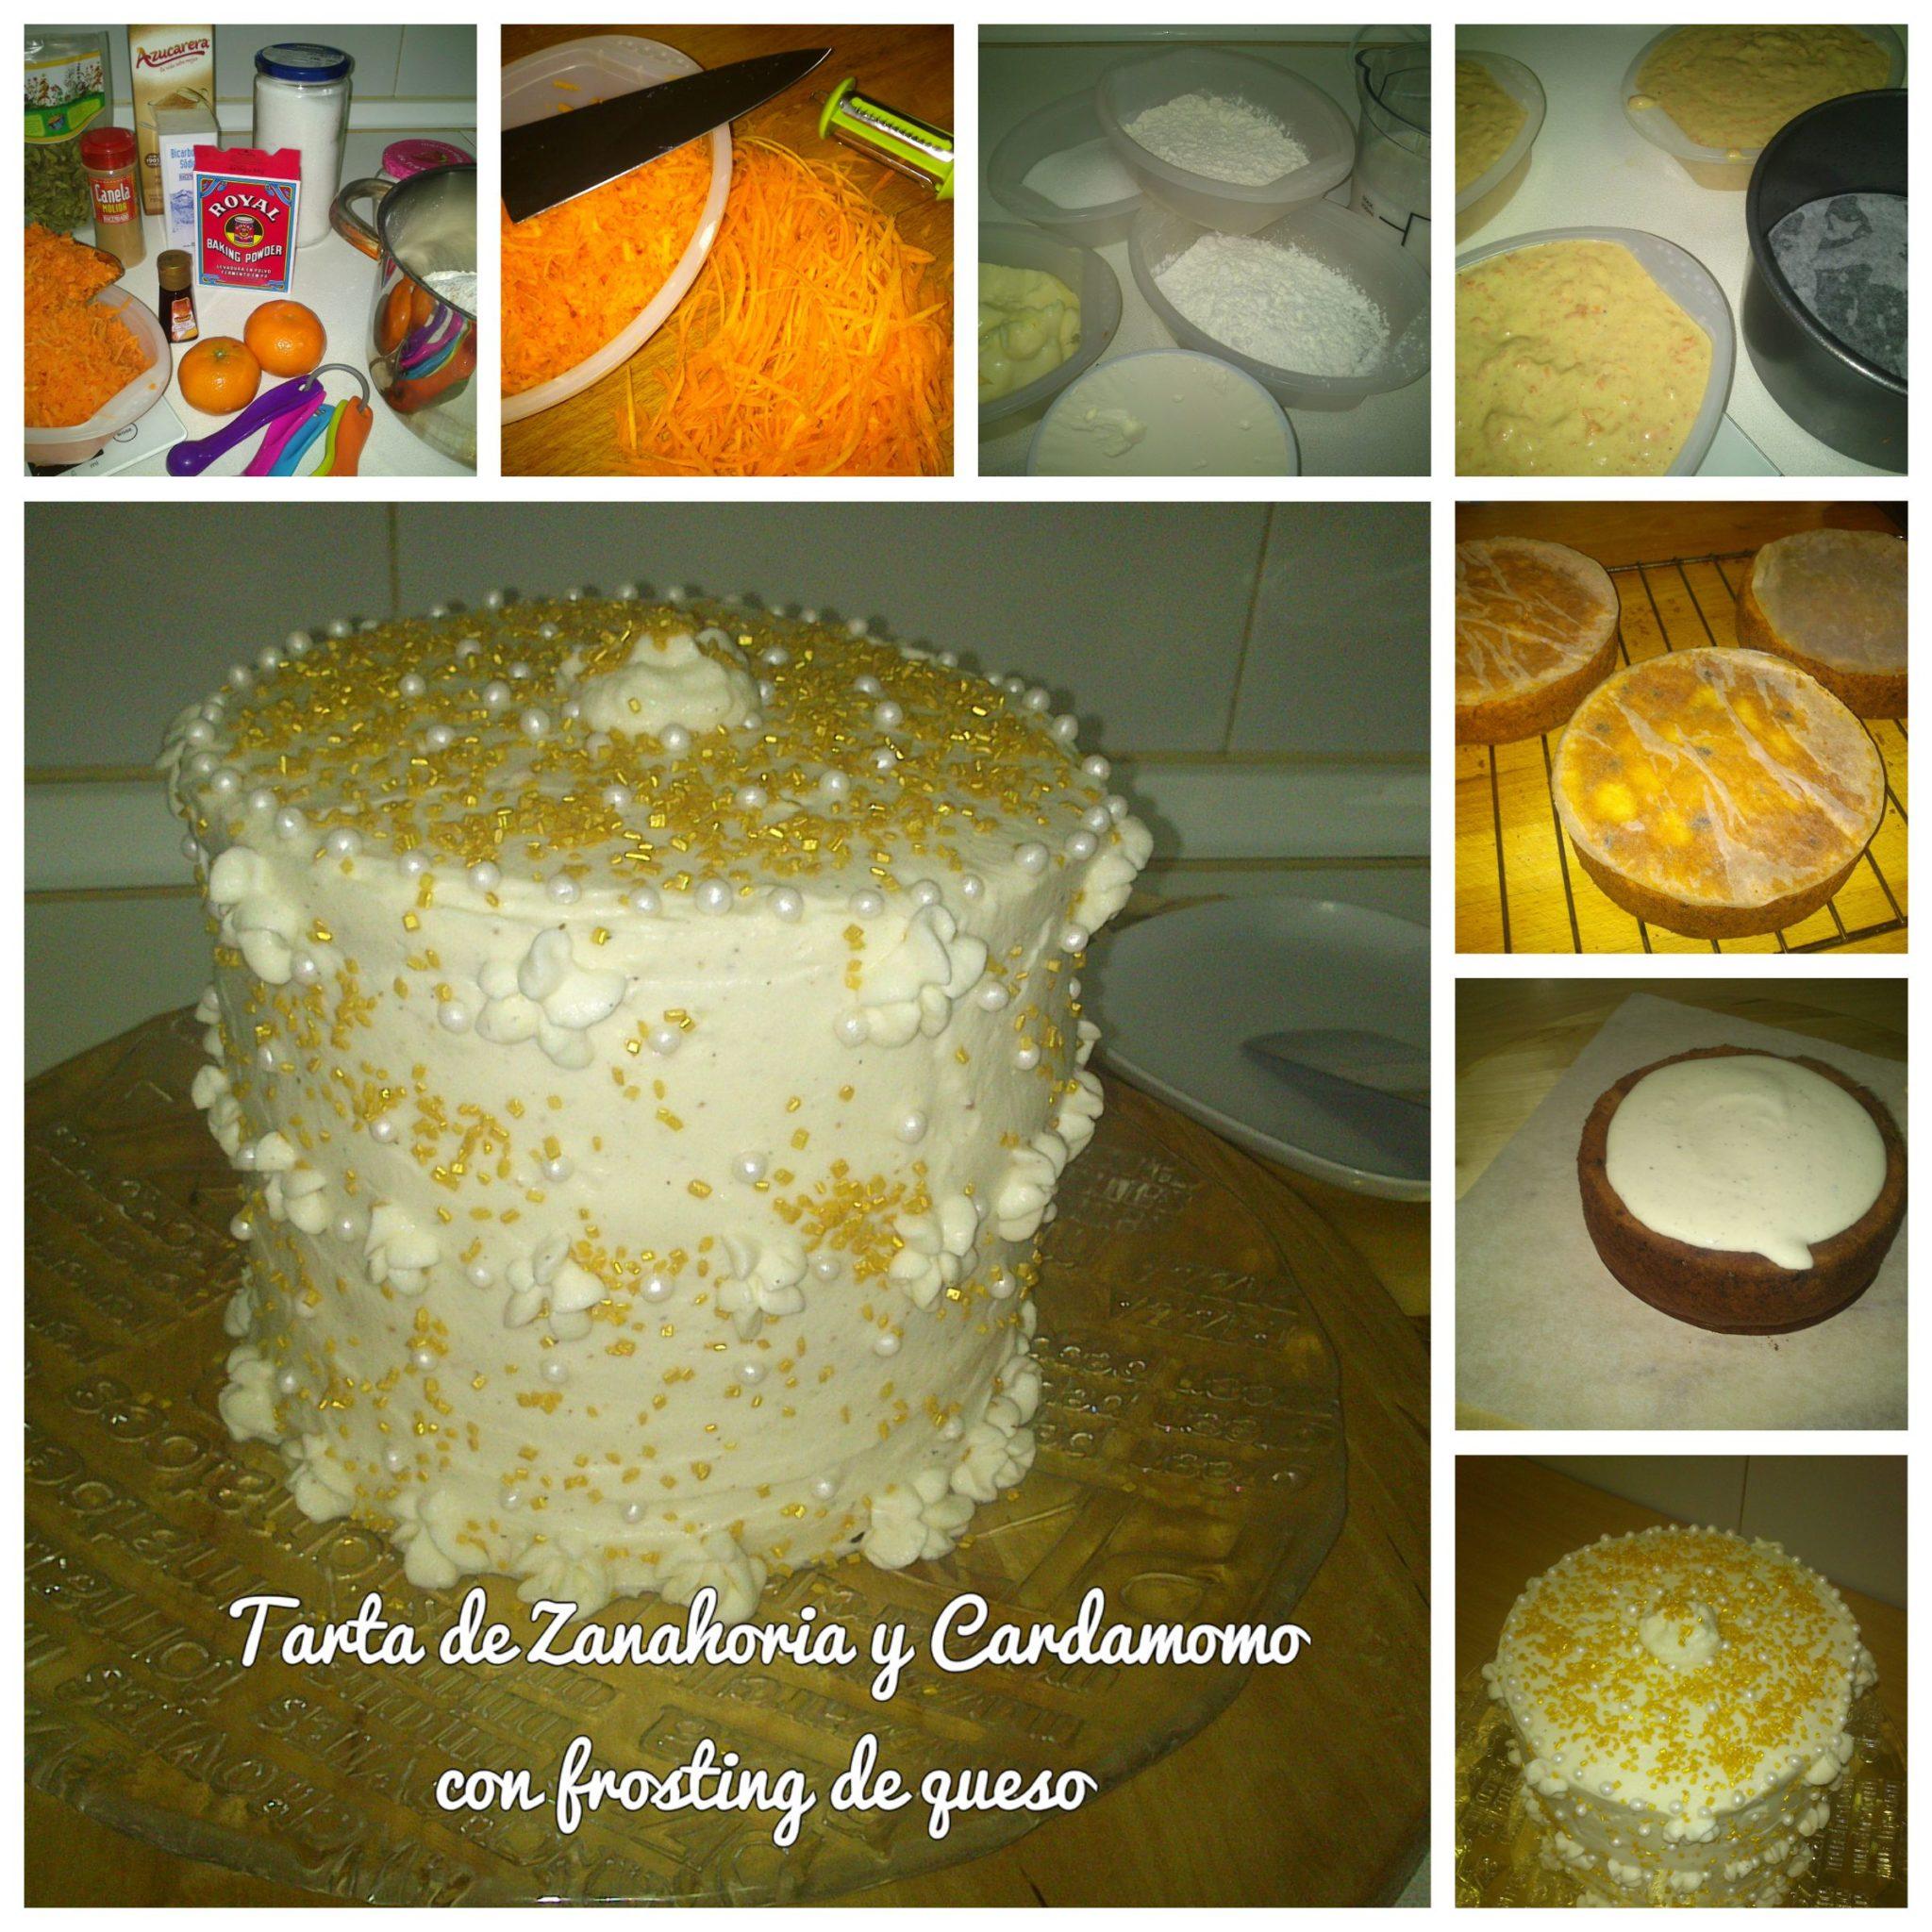 Tarta de Zanahoria y Cardamomo con frosting de queso